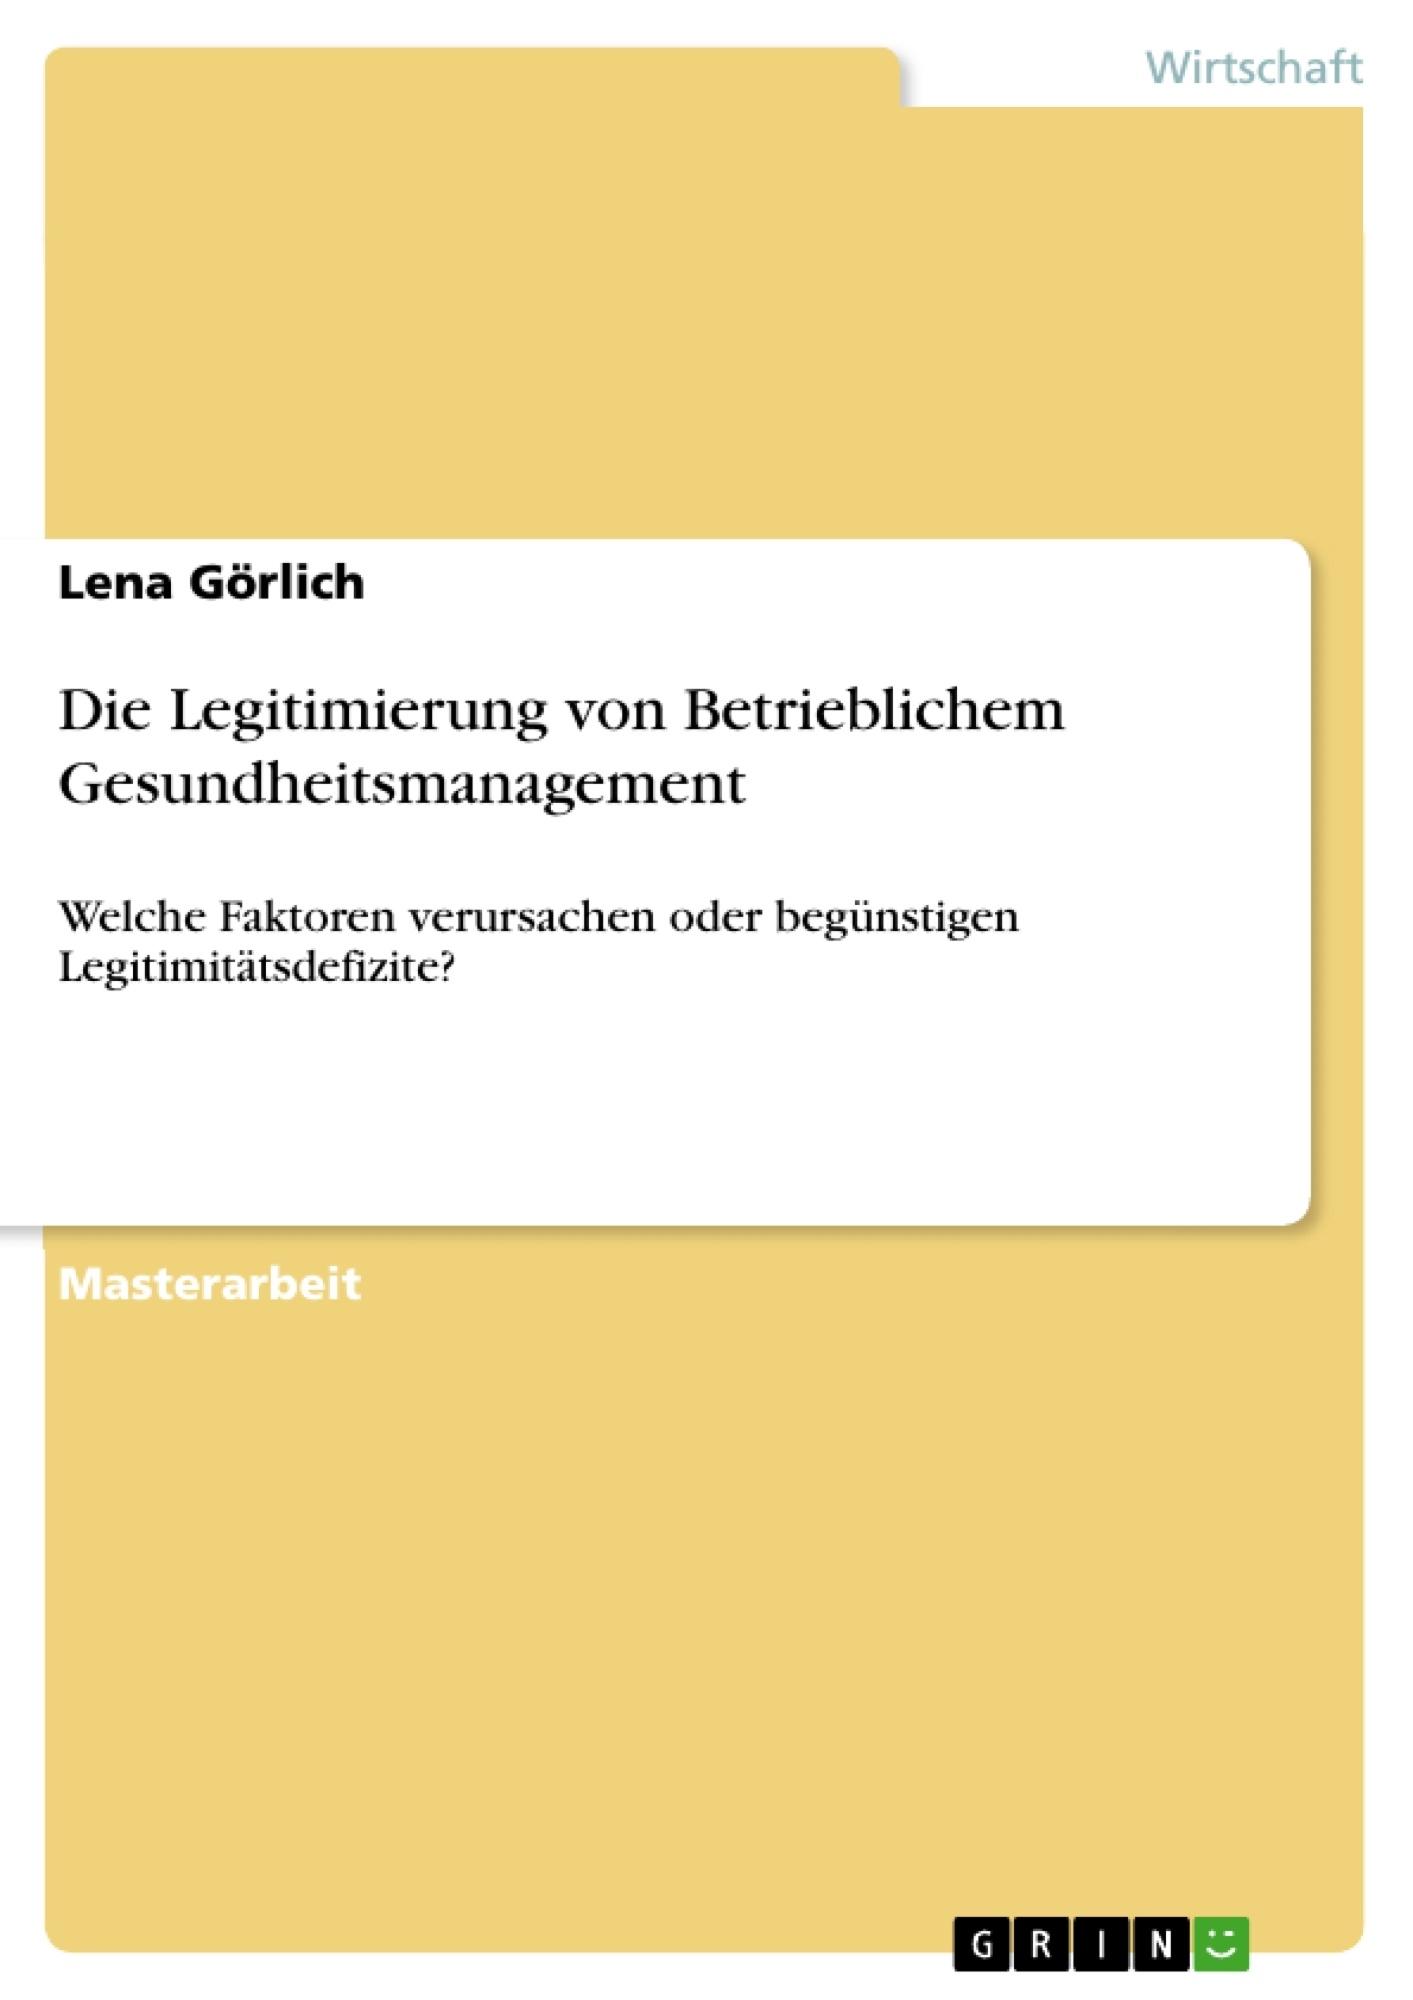 Titel: Die Legitimierung von Betrieblichem Gesundheitsmanagement